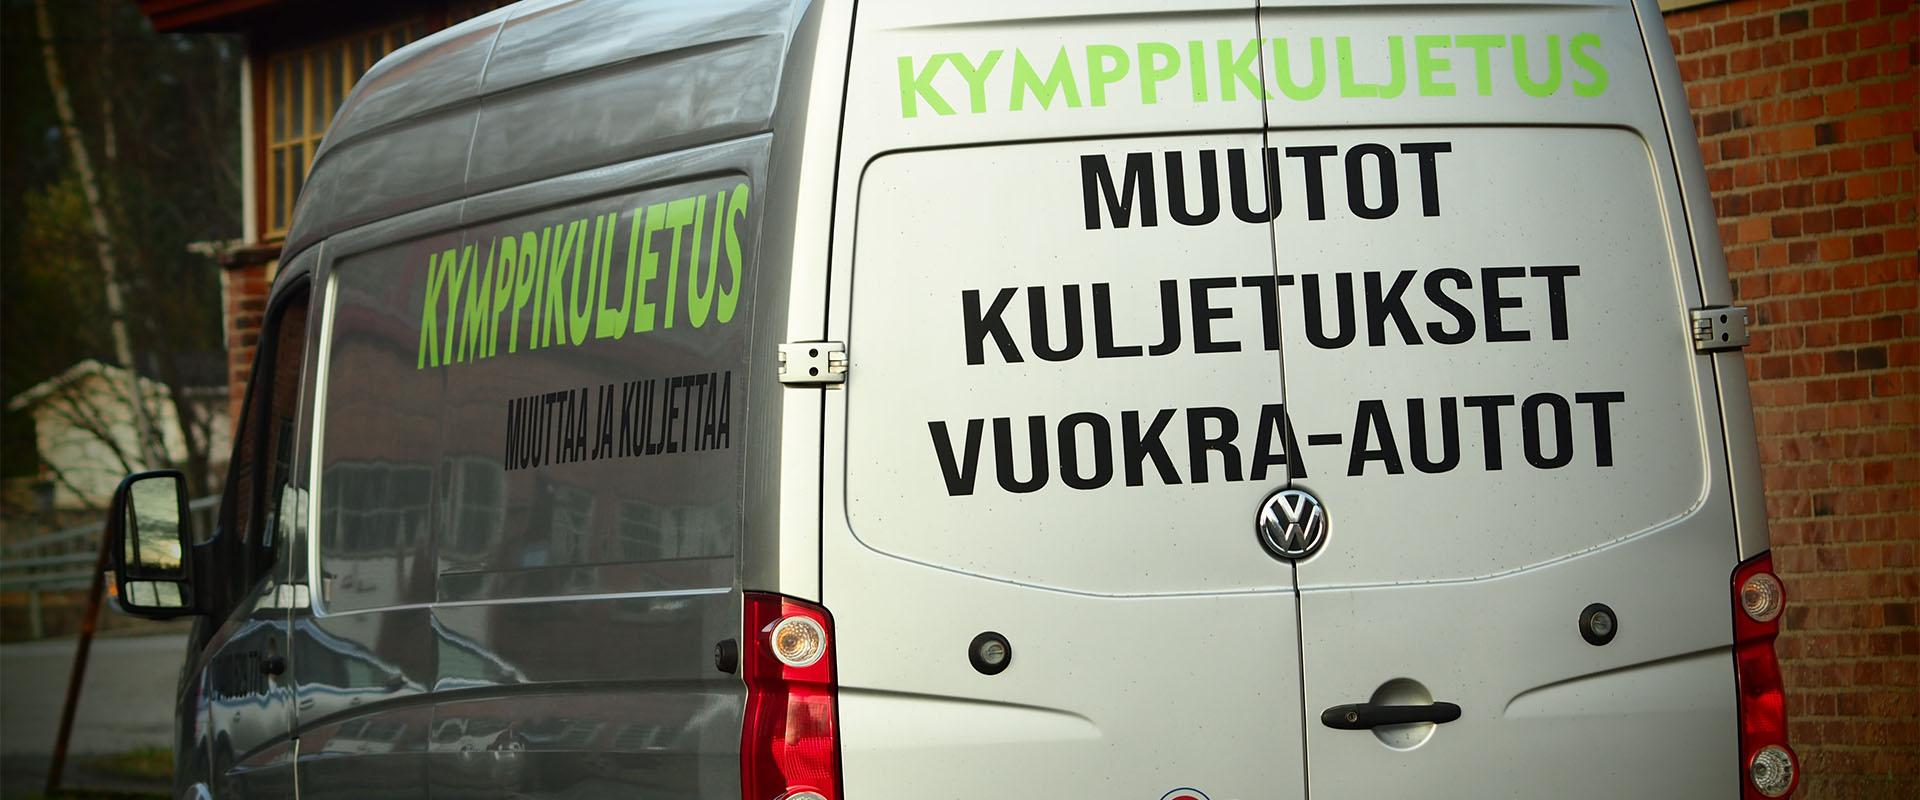 Muutto- ja kuljetuspalvelu Suomessa ja Pohjoismaissa